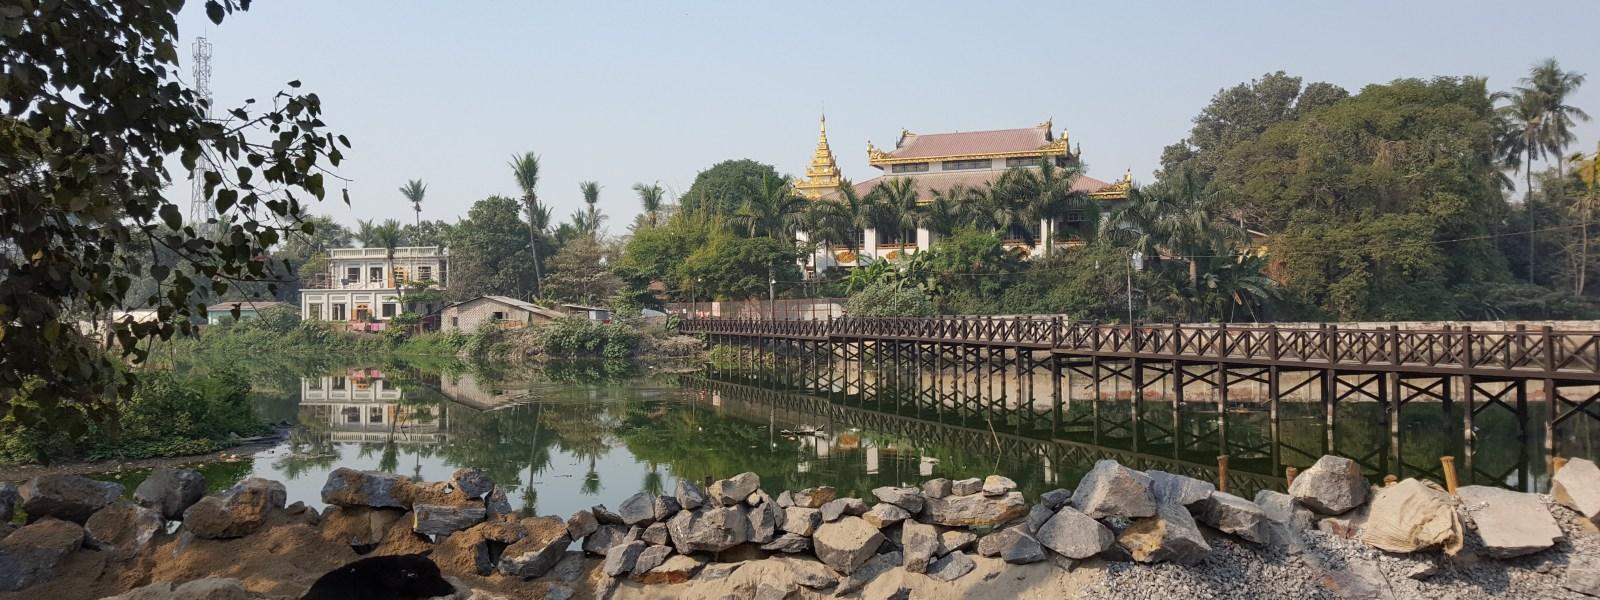 Magical Mandalay